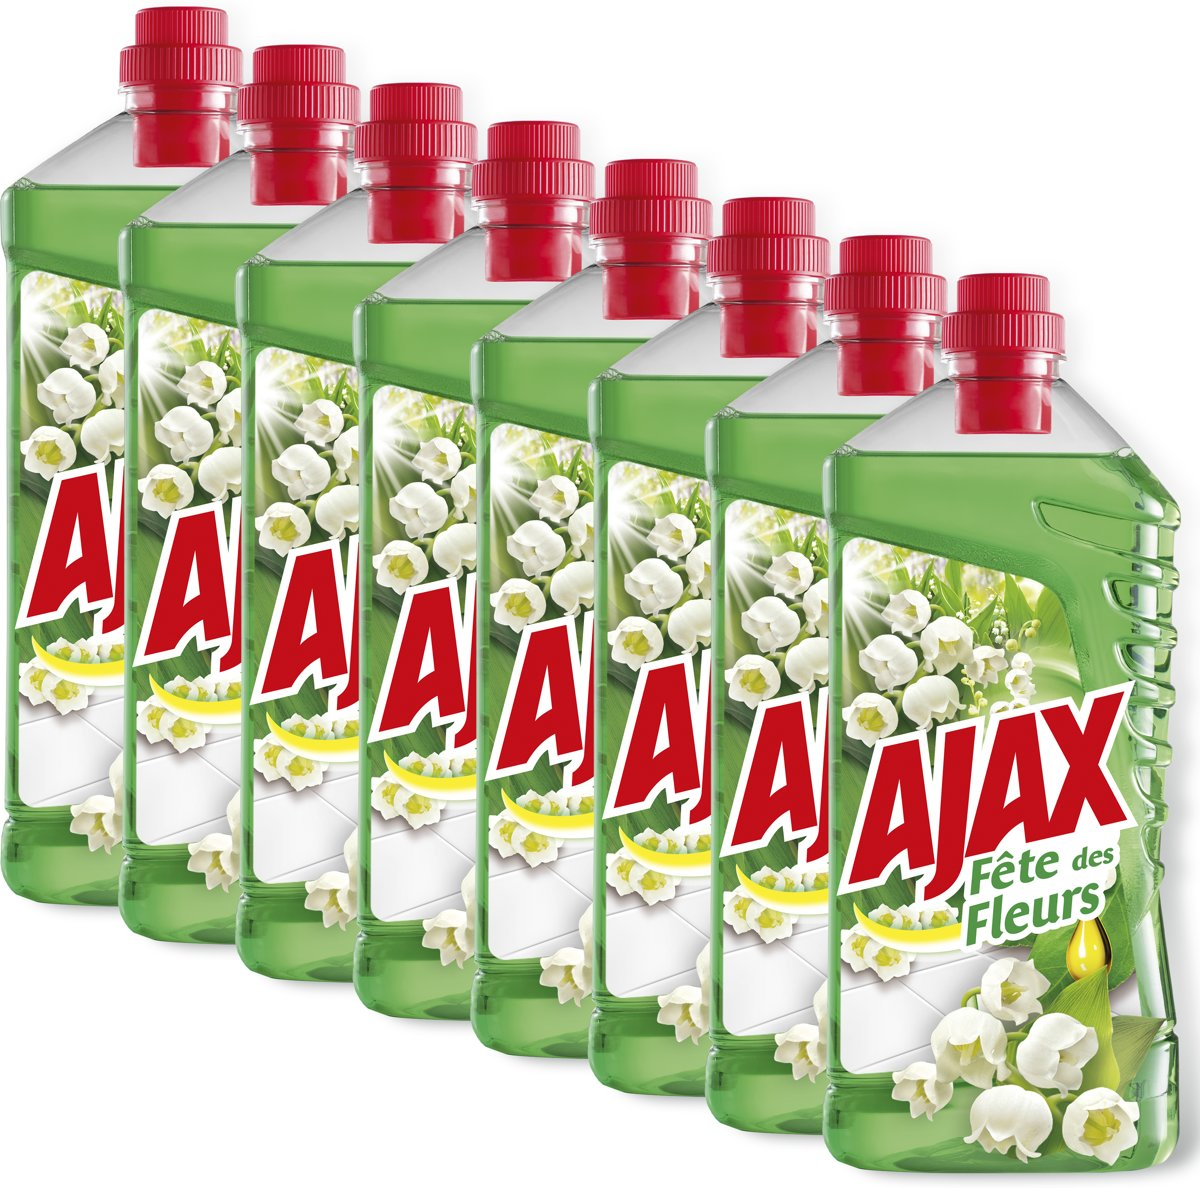 Ajax F?te des Fleurs Lentebloem allesreiniger 8 x 1L